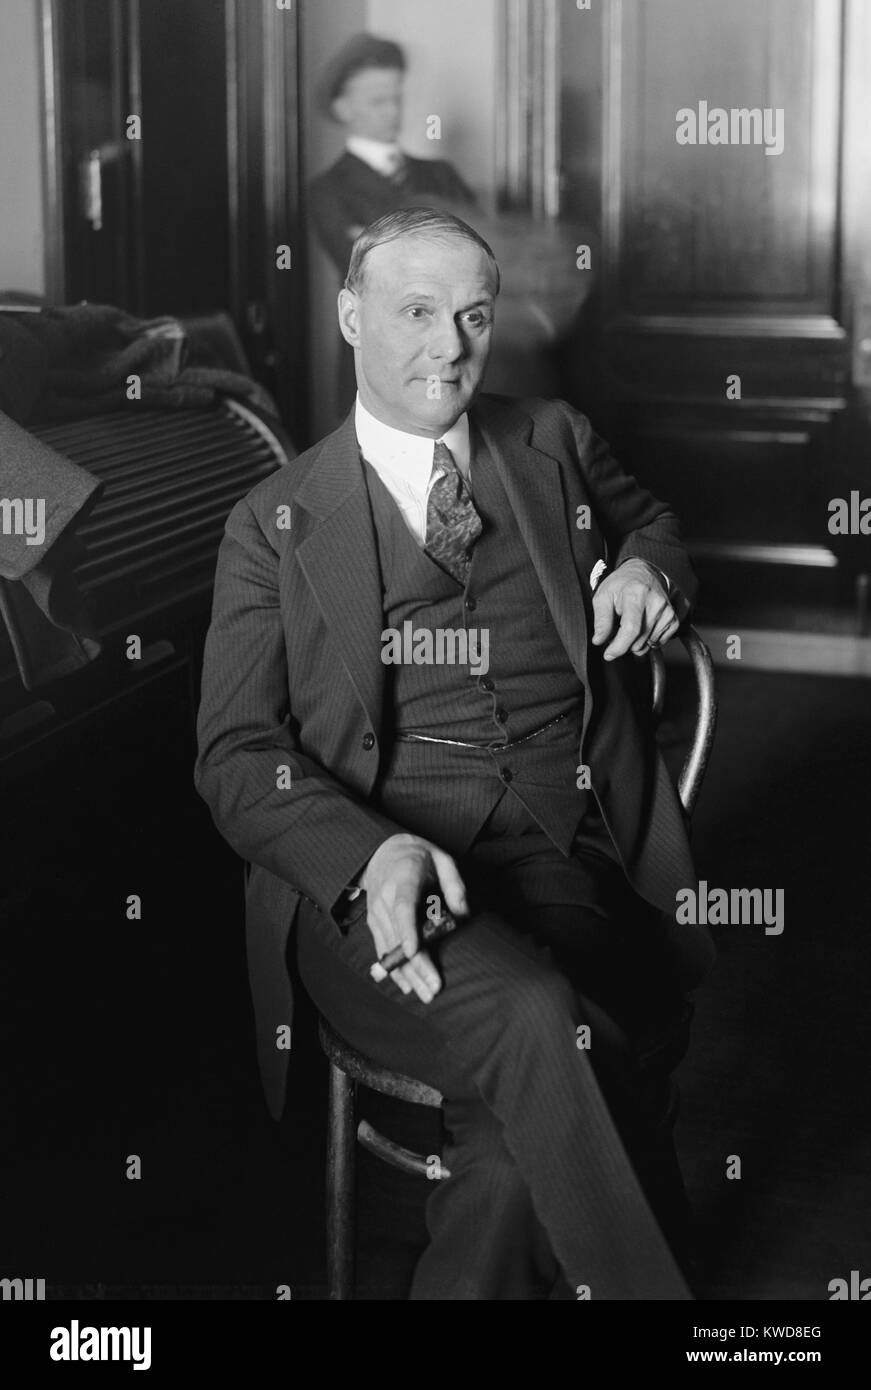 Tex Rickard, 1920er Jahre boxen Promoter erweitert das Publikum, indem Medien und öffentlichem Interesse. Photo Stockbild